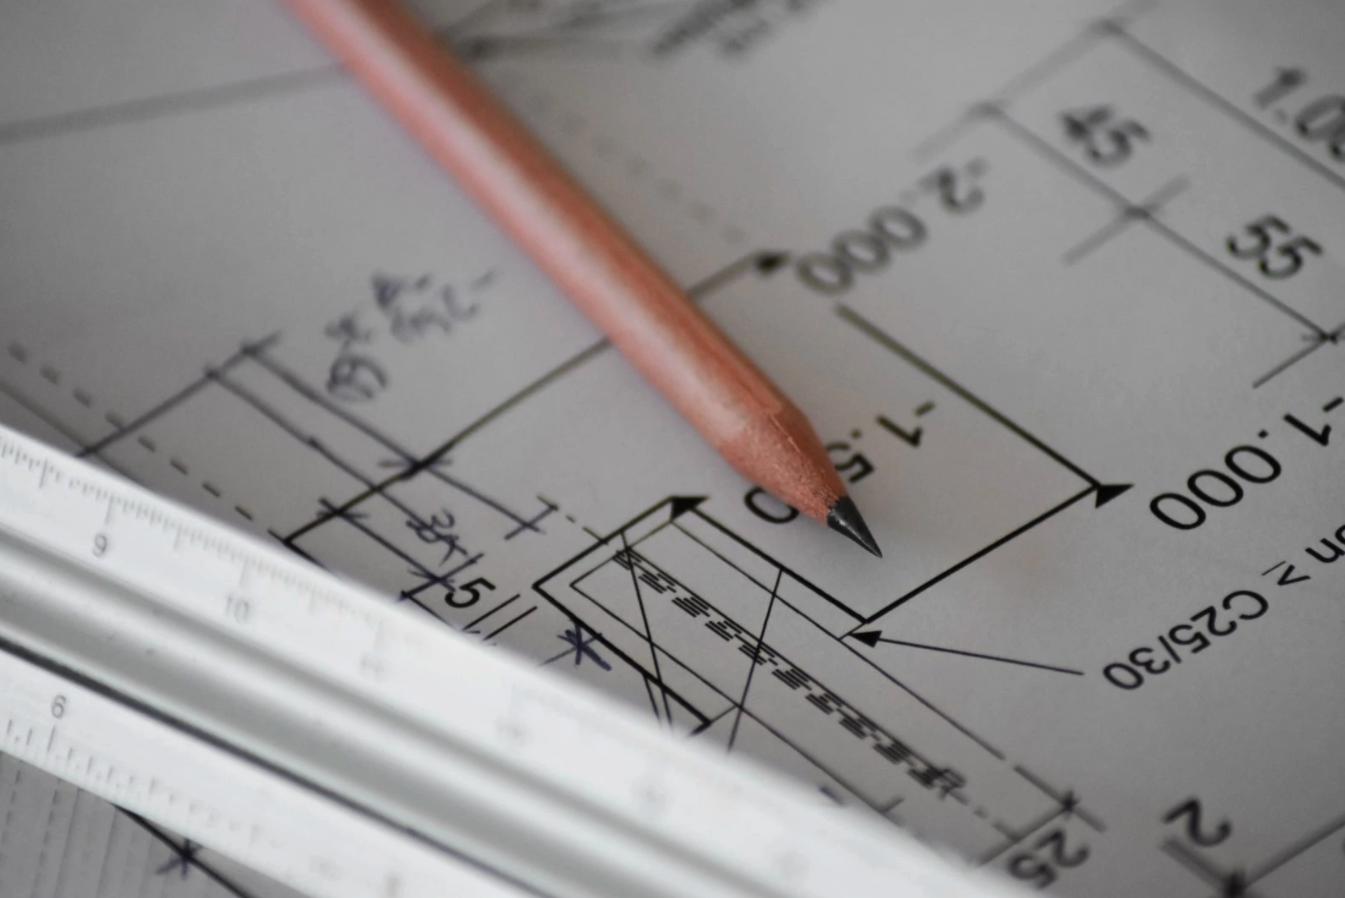 Tekeningen Keuken Op Maat Laten Maken Door Interieurbouwers Delft